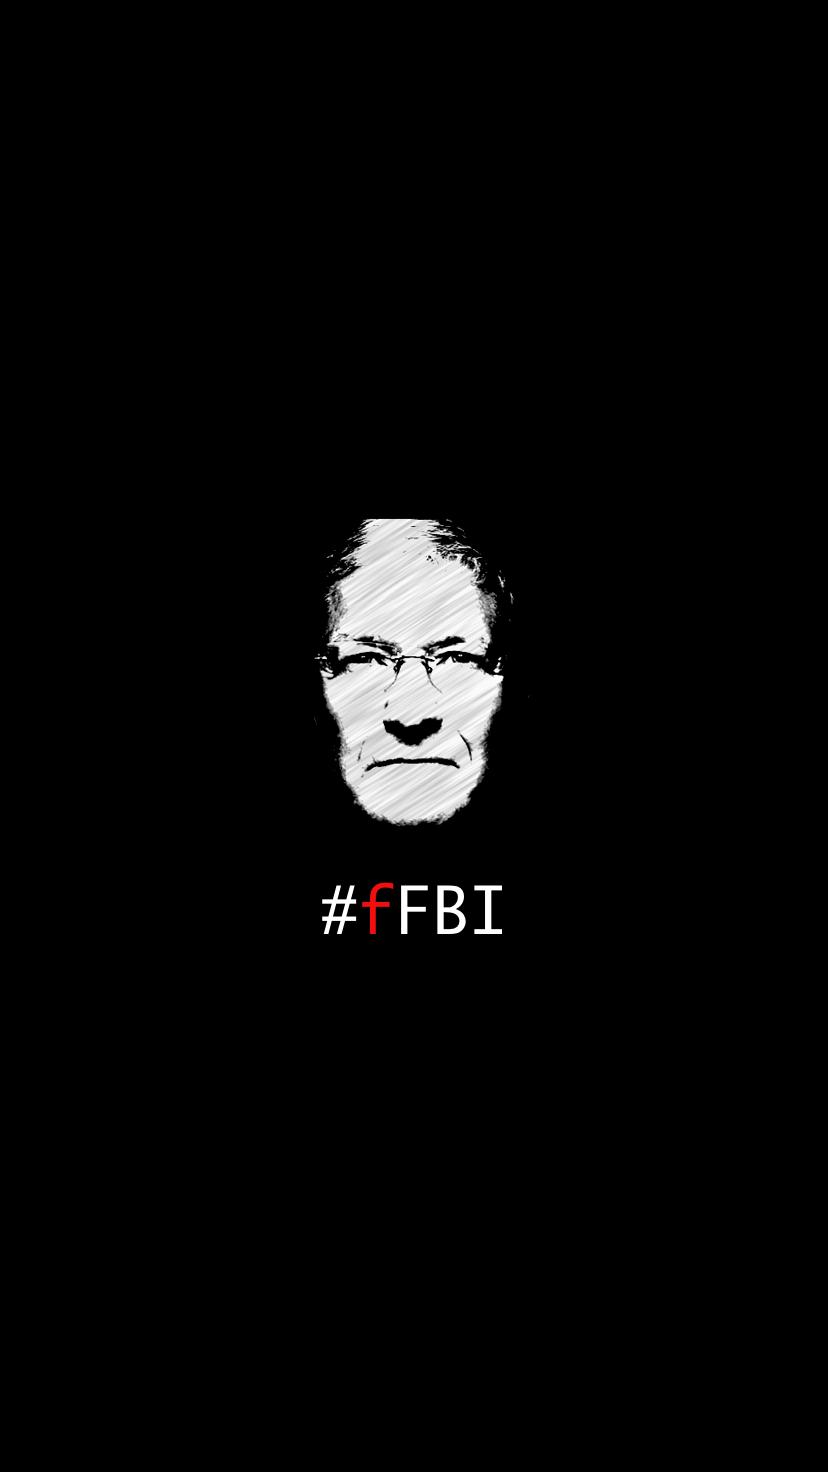 F FBI Apple iPhone 6s Plus